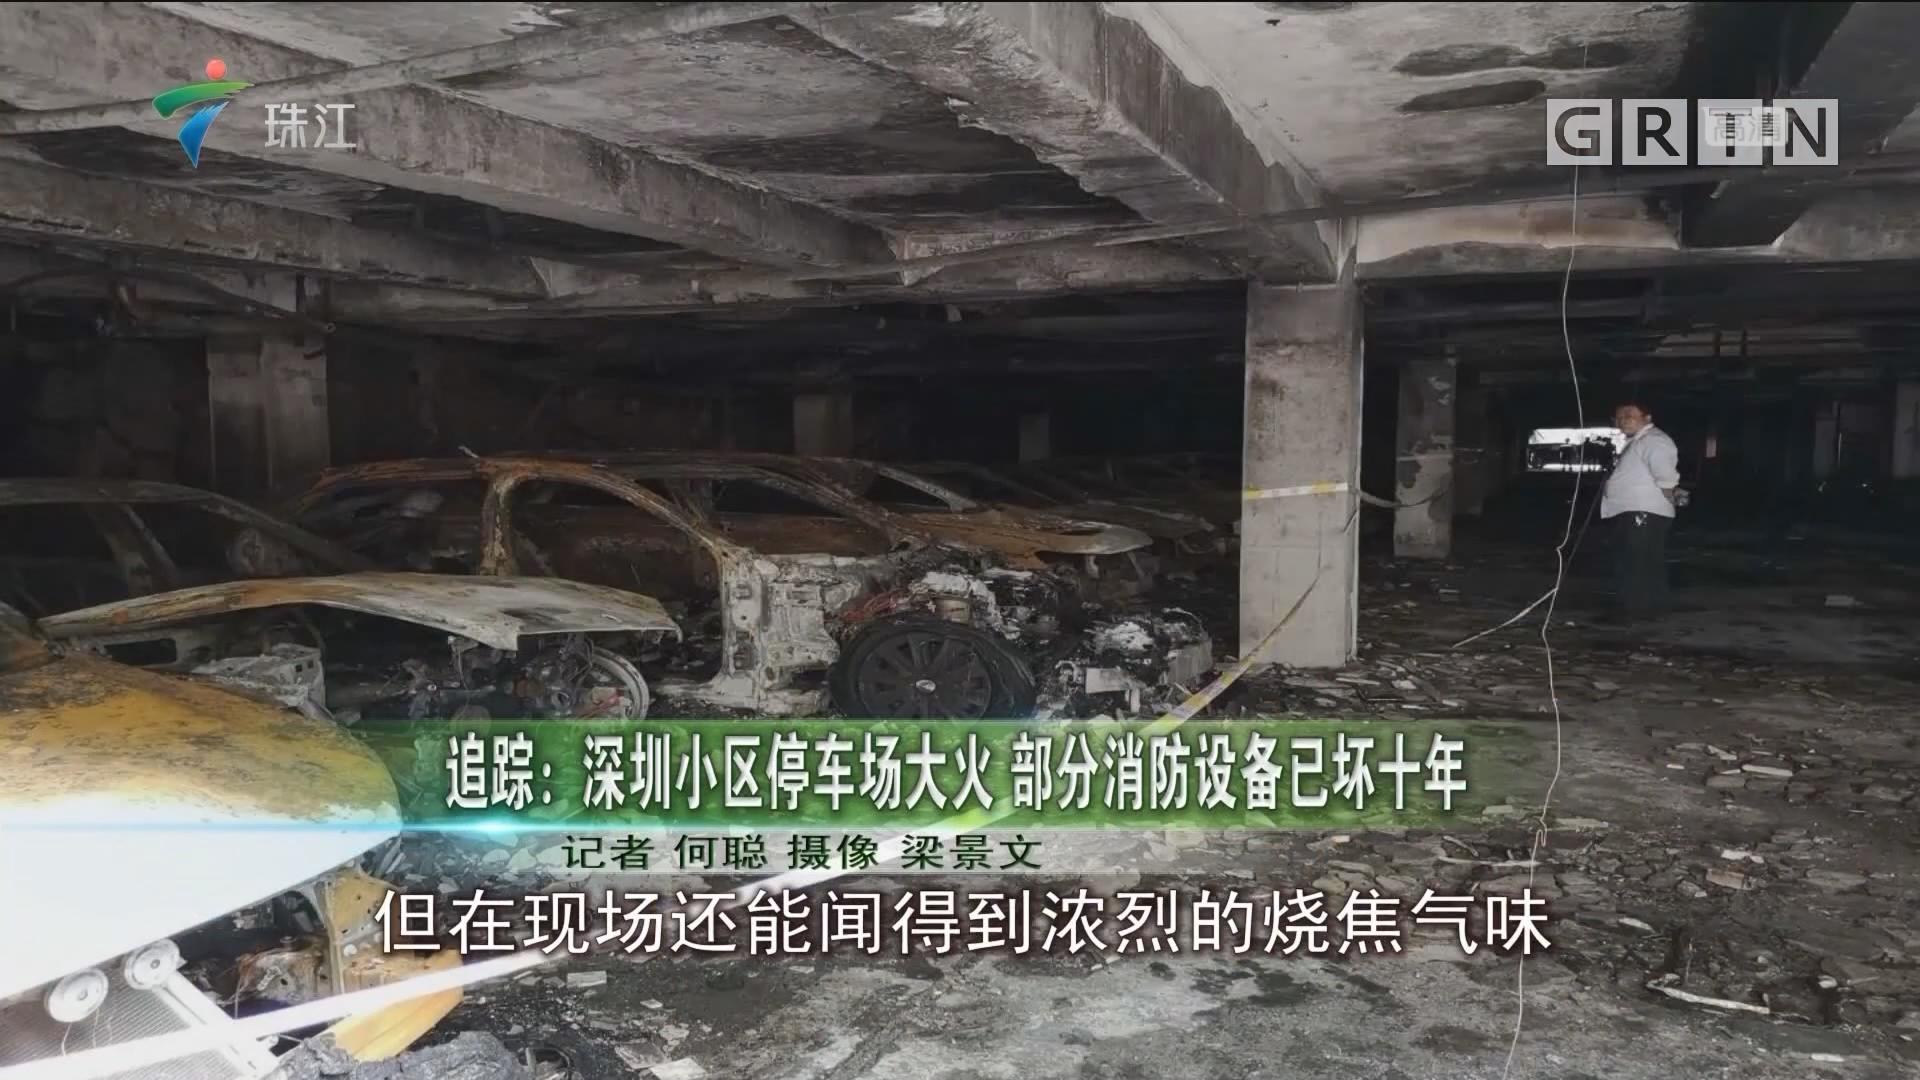 追踪:深圳小区停车场大火 部分消防设备已坏十年